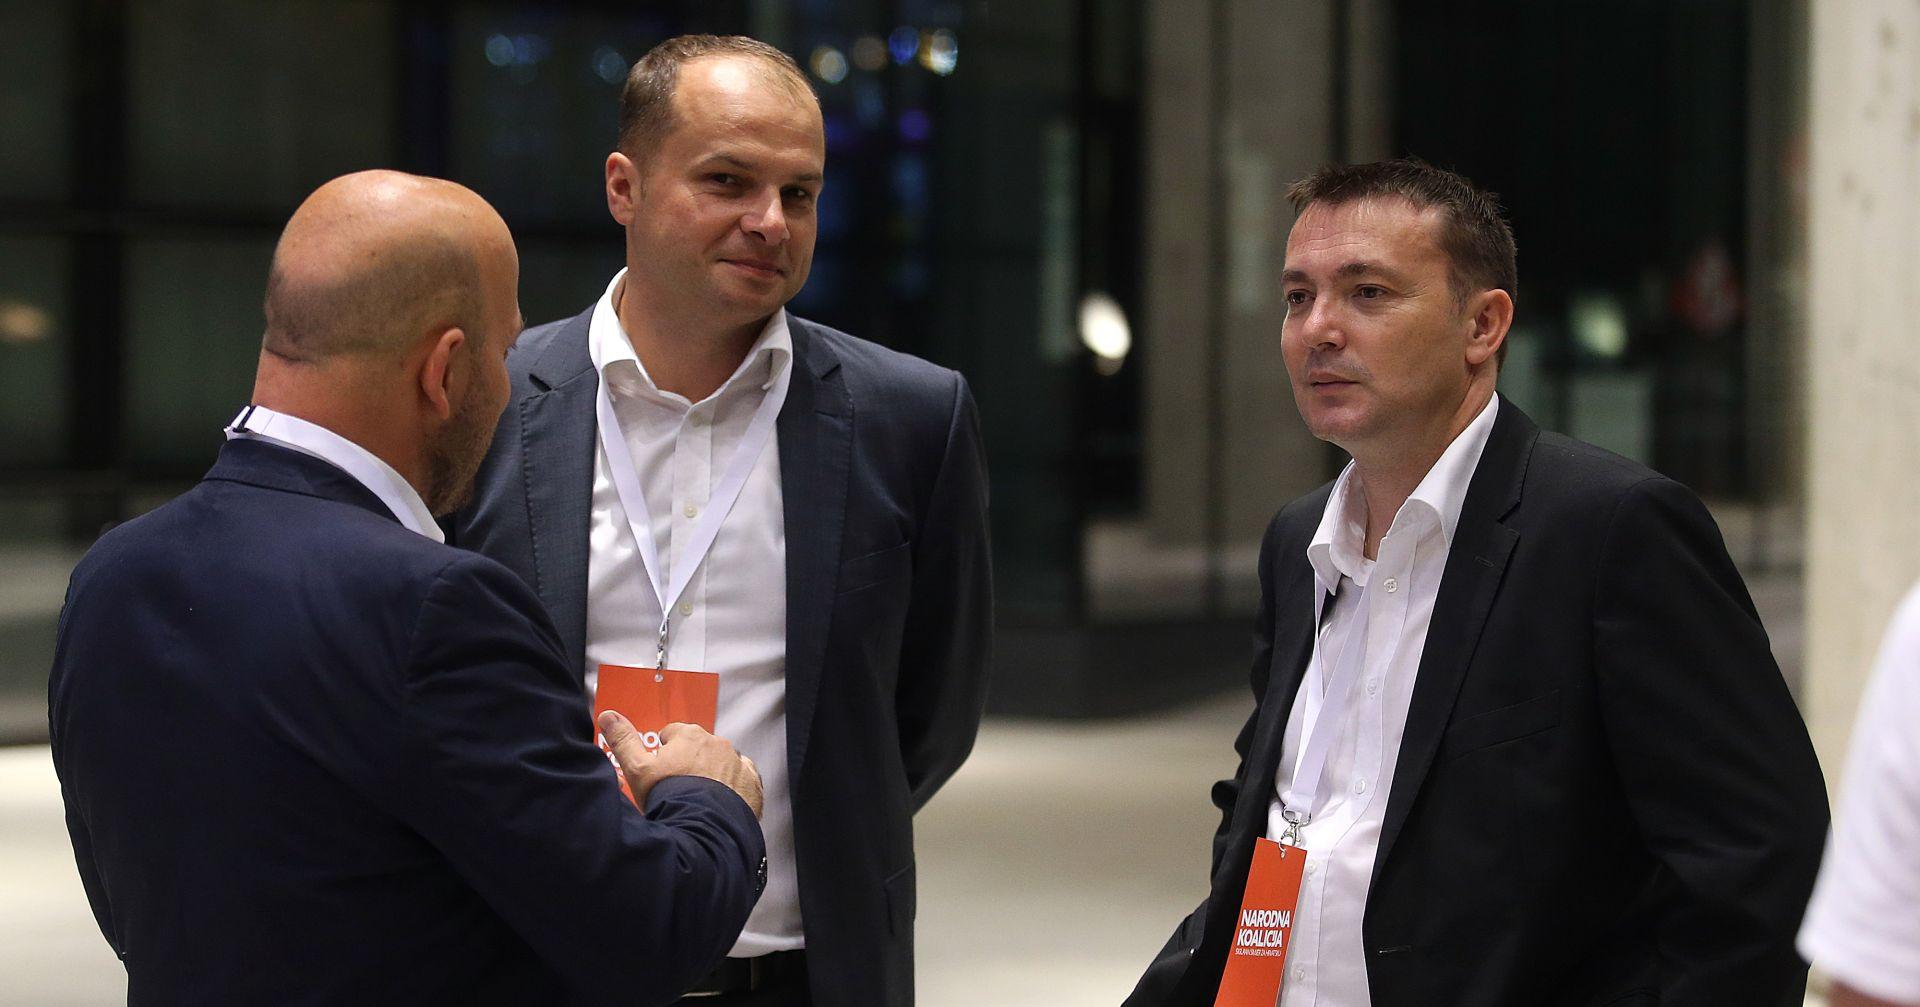 Bauk i Hajdaš Dončić očekuju 'dostojanstvenu kampanju' za predsjednika SDP-a